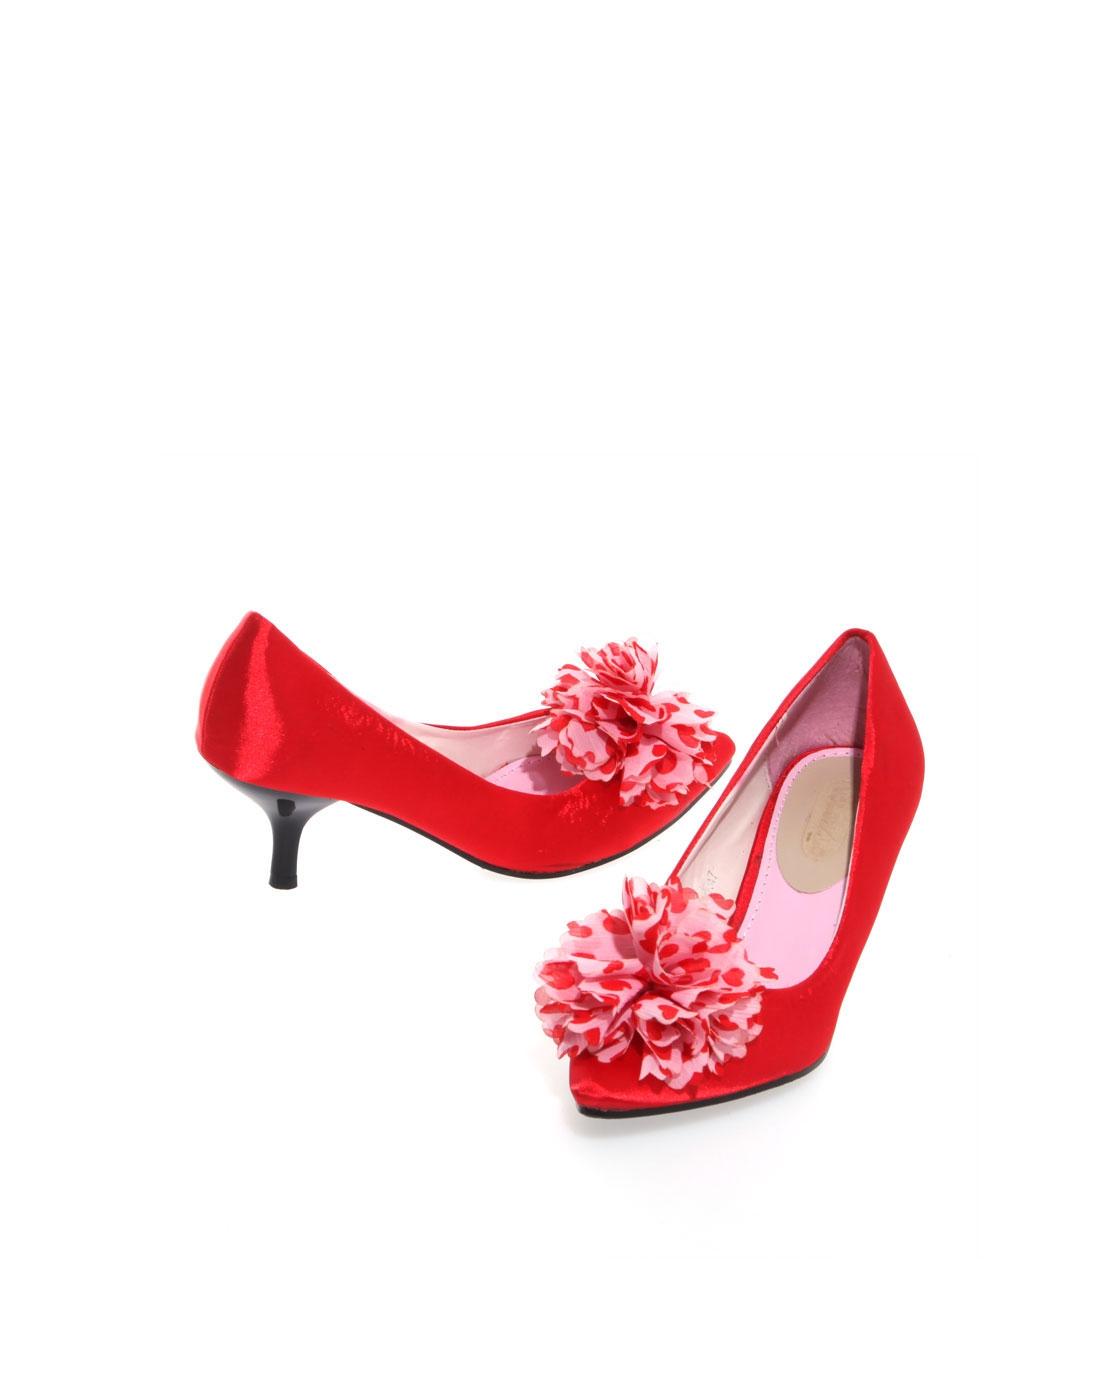 女士红色浪漫花朵银色丝面高跟鞋